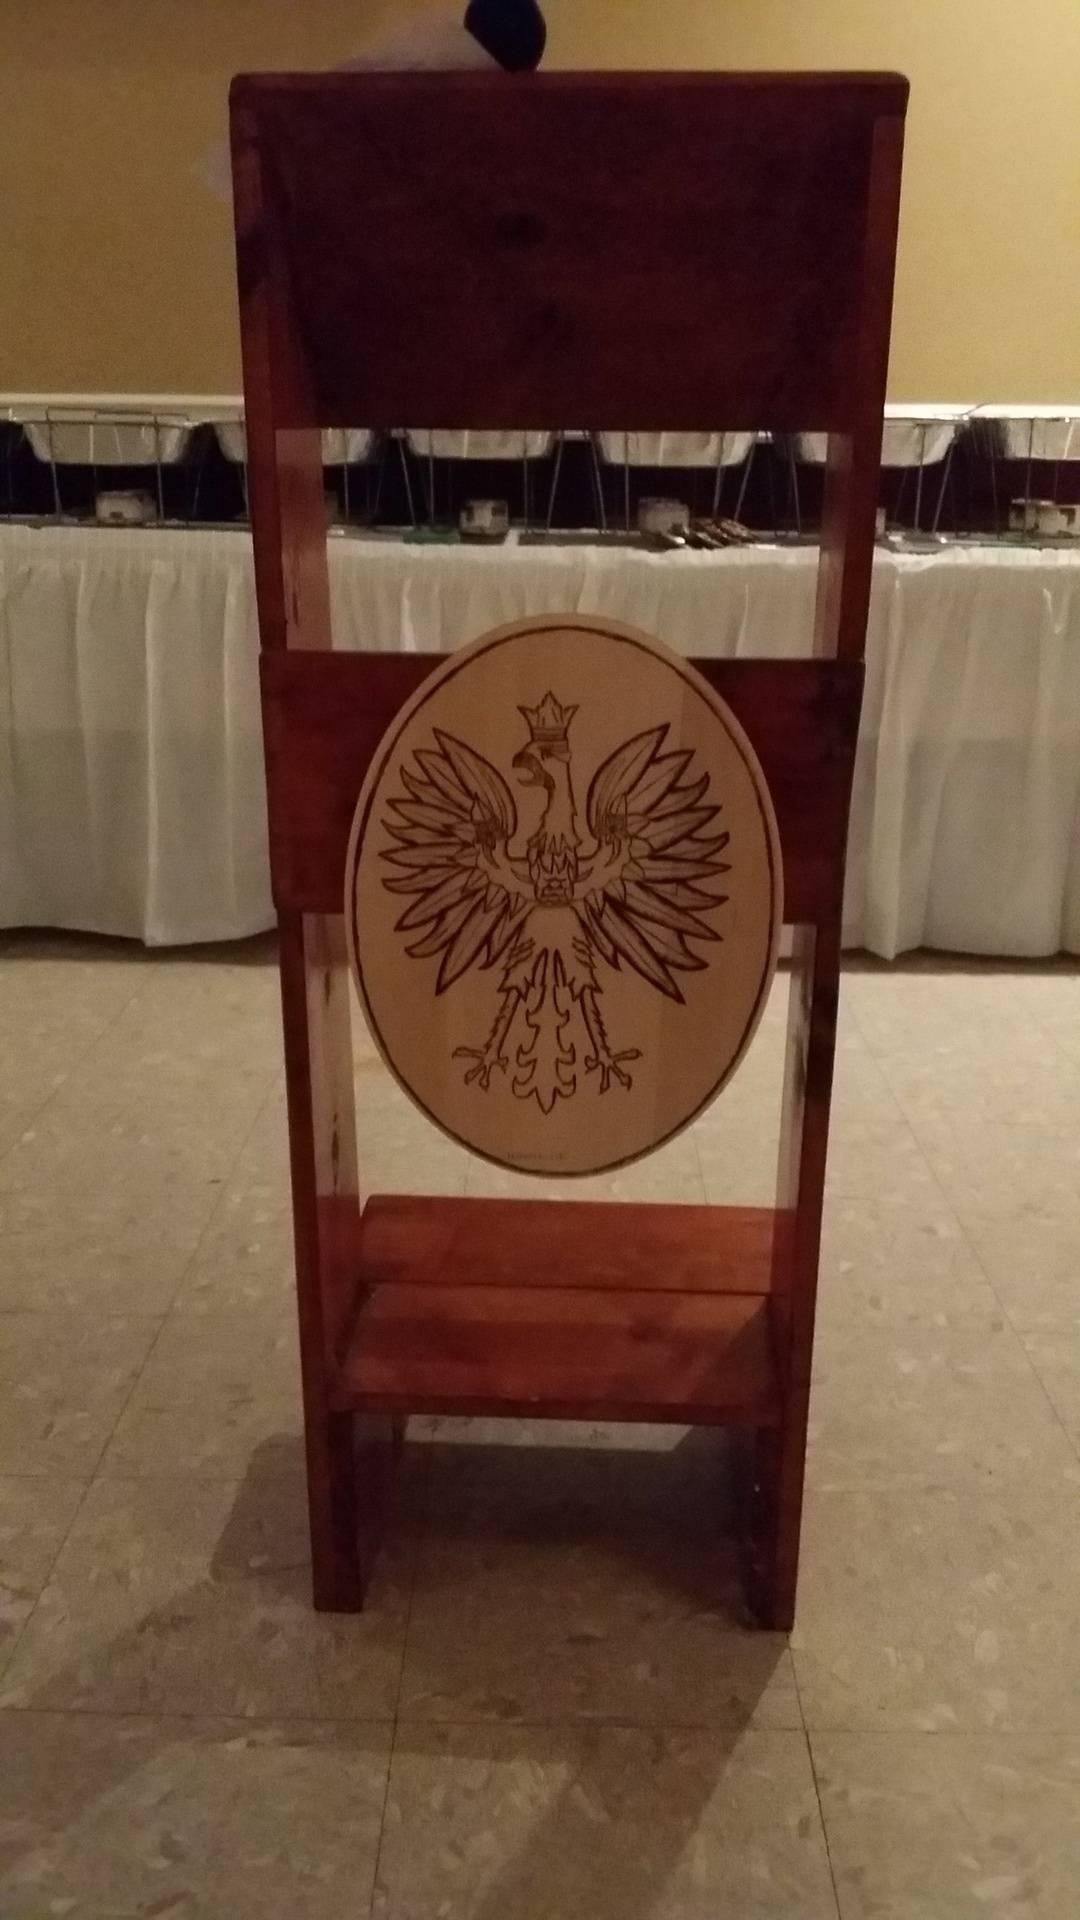 Podium with Wood burn Polish Eagle